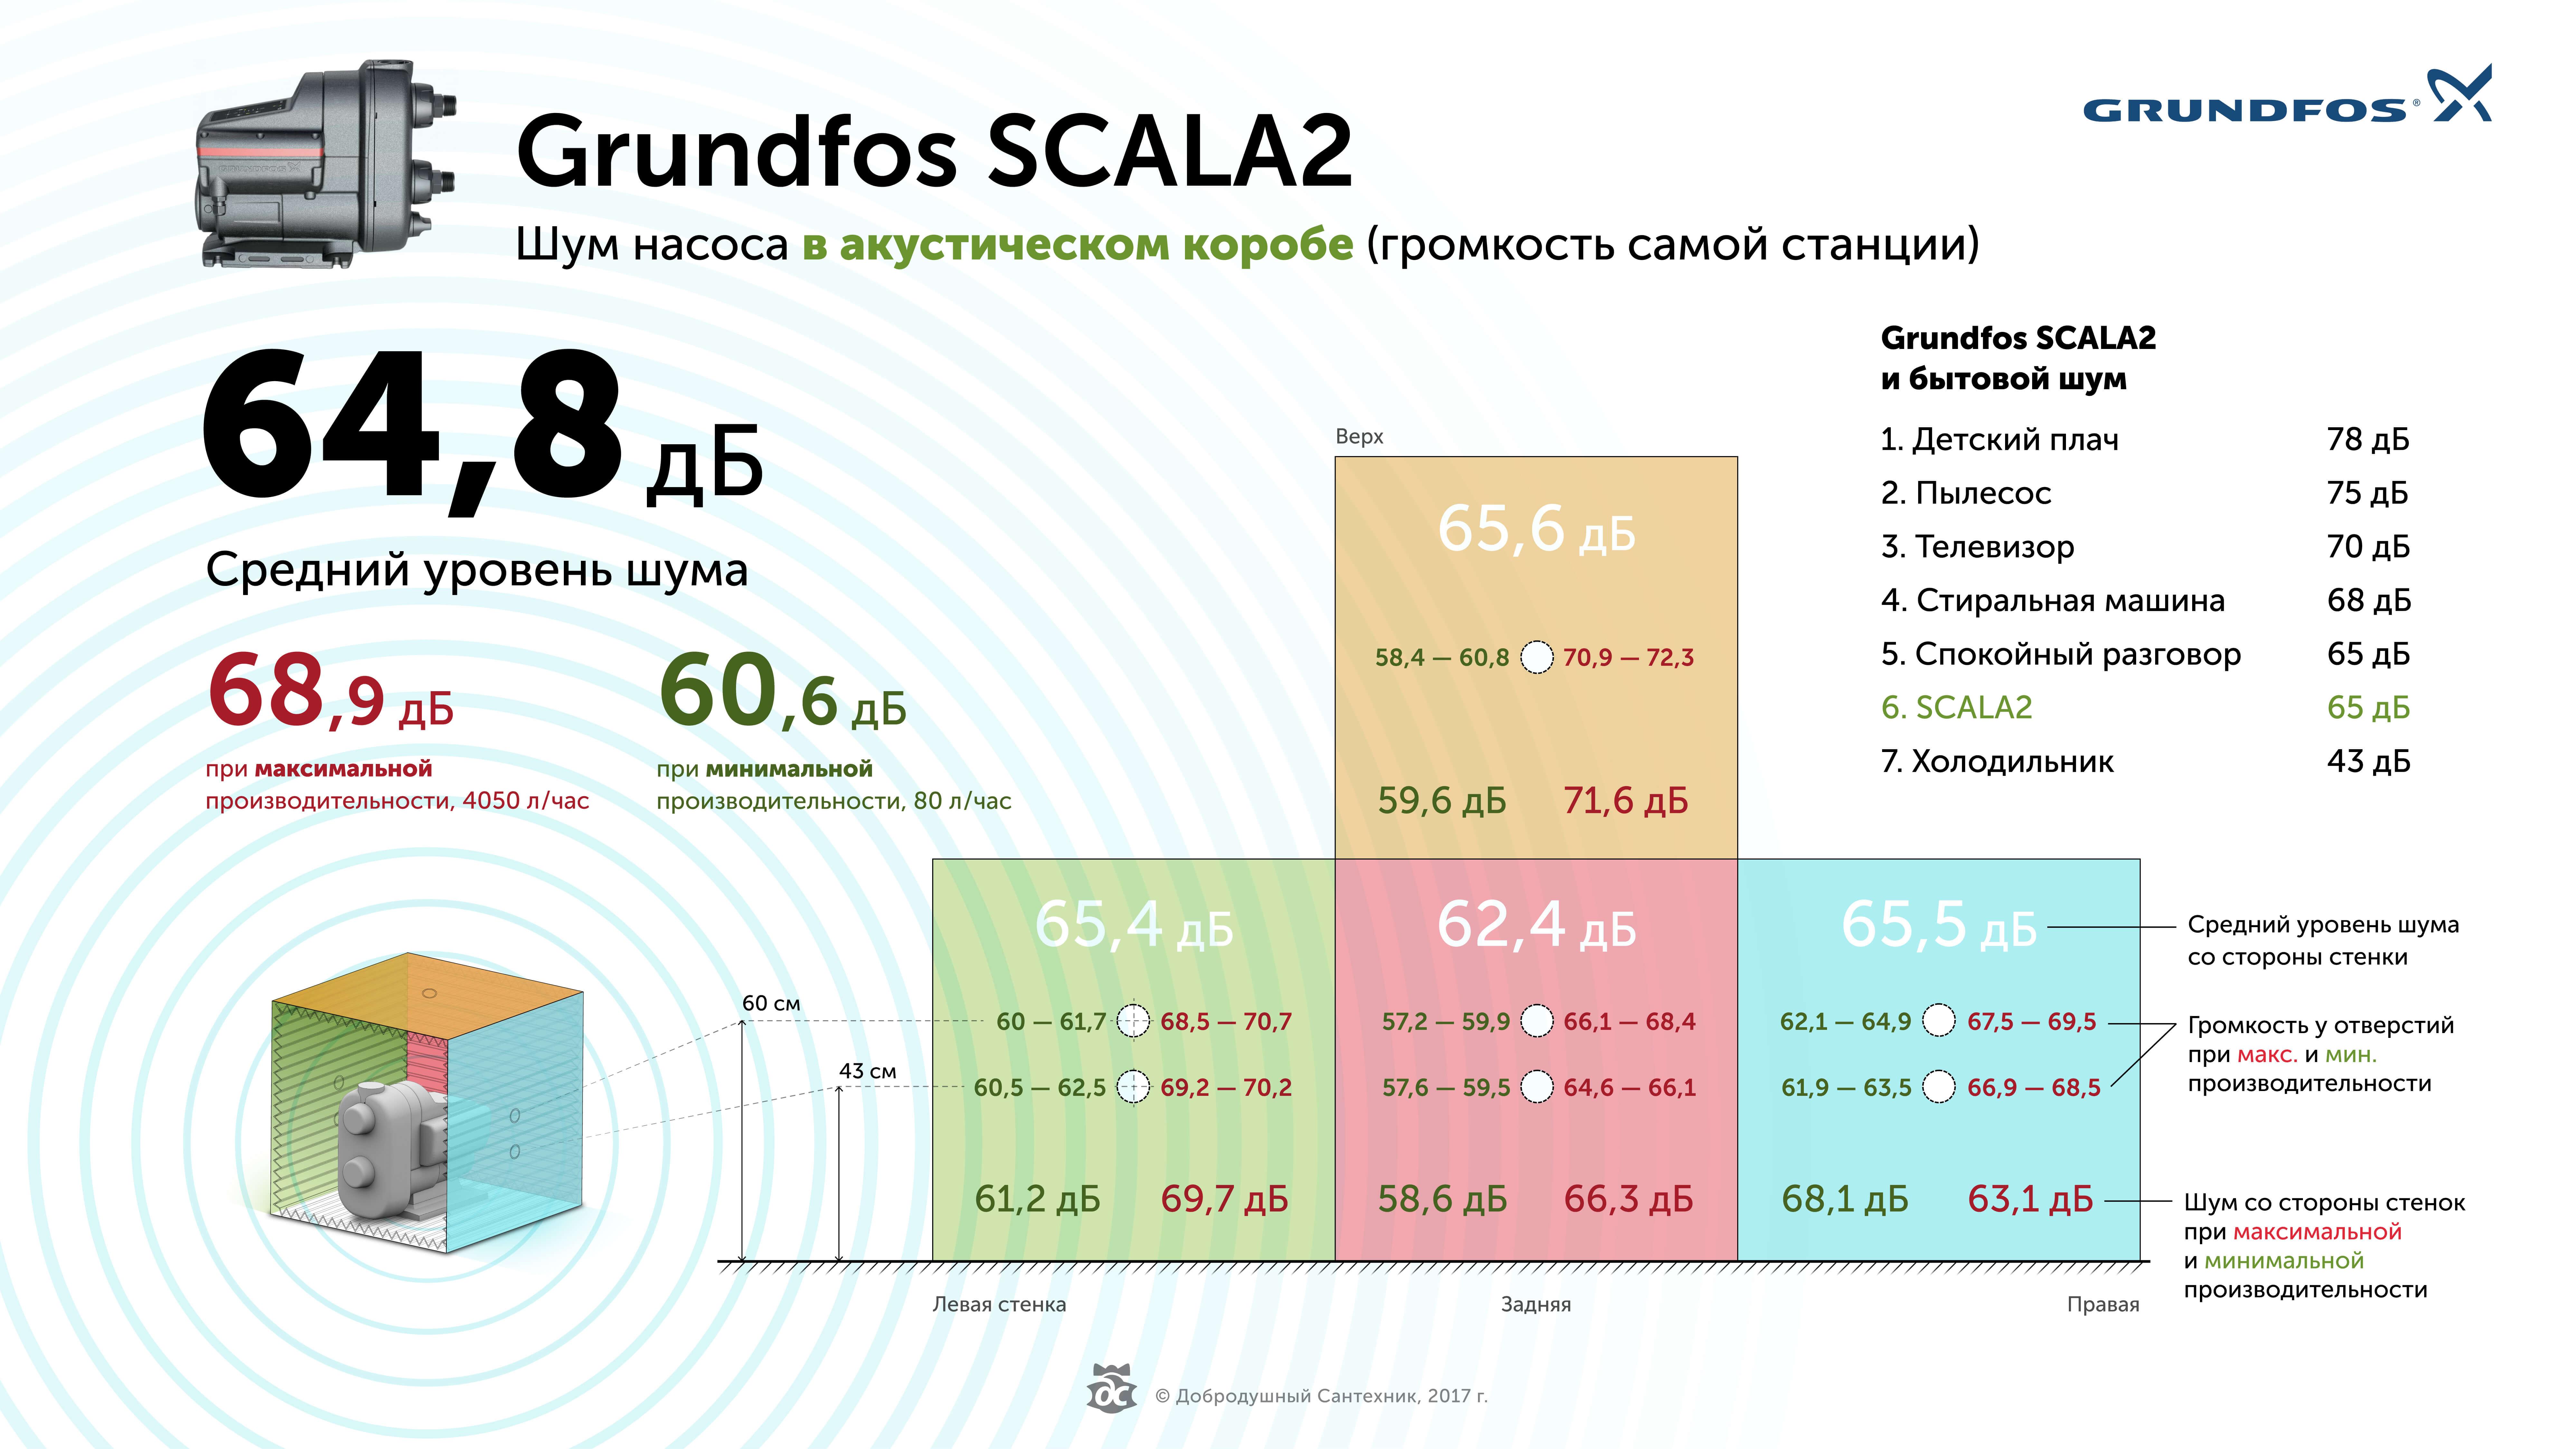 Шумность насоса Грундфос Скала 2 в акустическом коробе